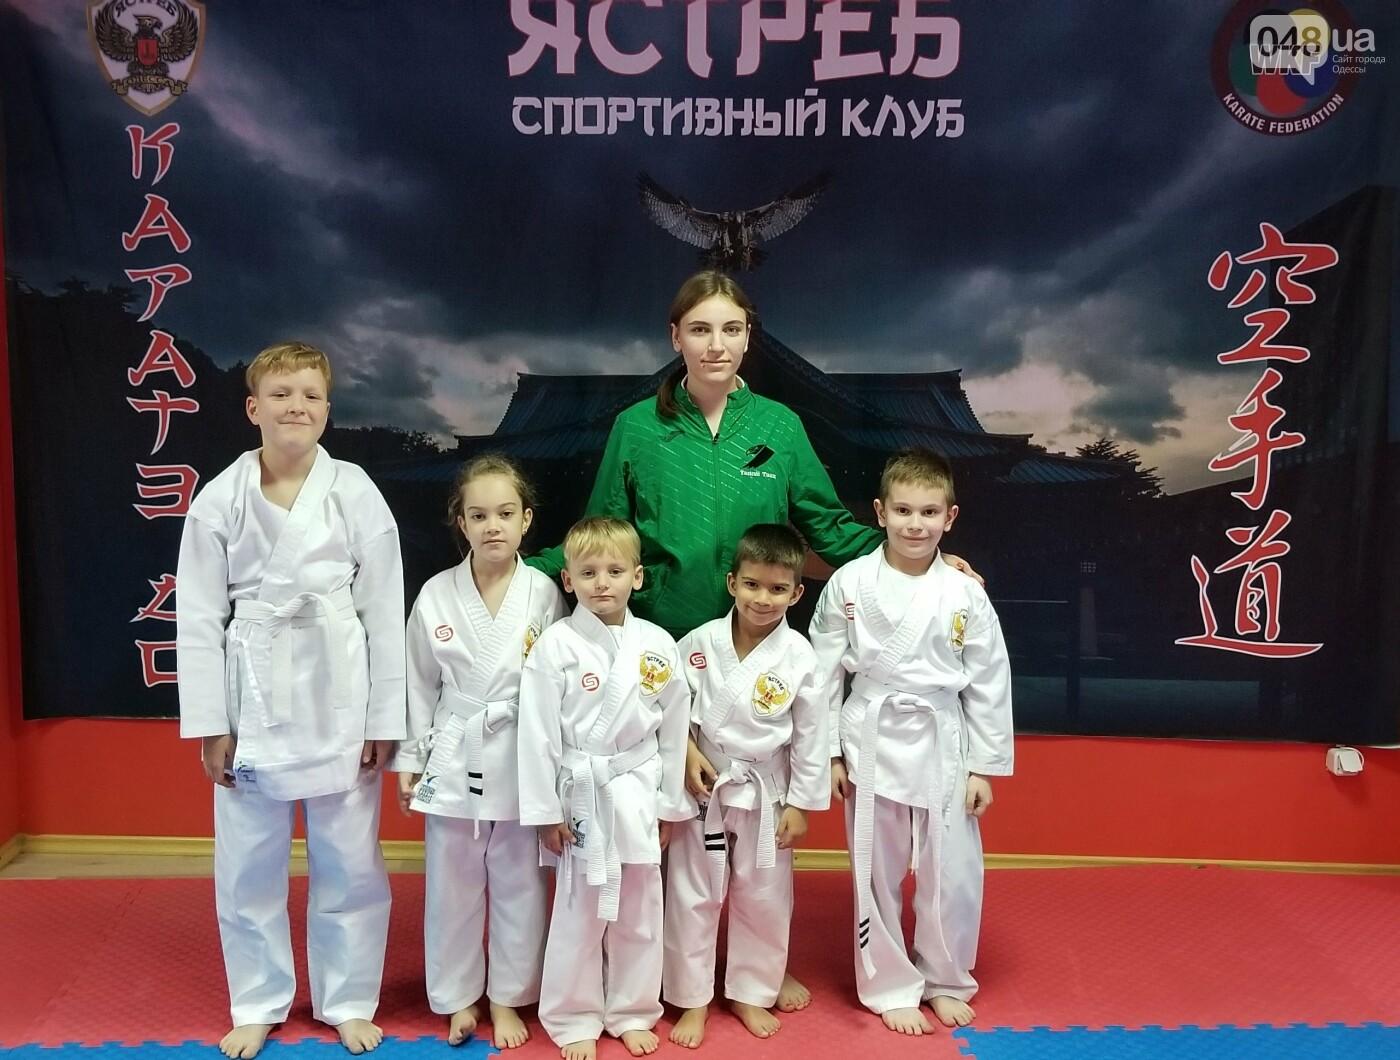 Школы боевых искусств в Одессе: спортивные клубы,секции., фото-11